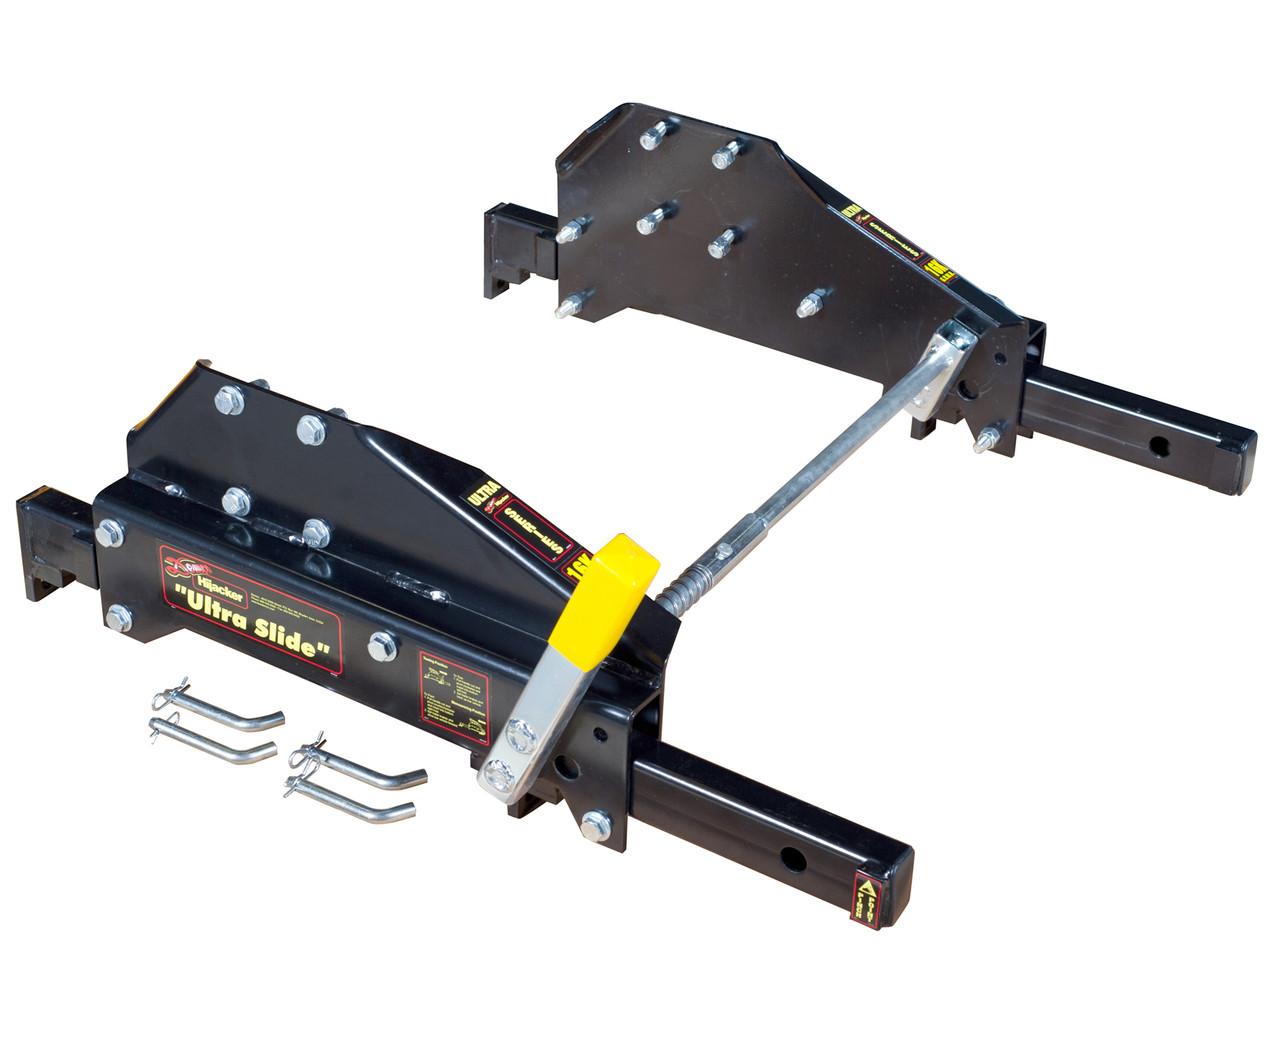 6055 --- Demco Premier Series Ultra Slide Upgrade Kit